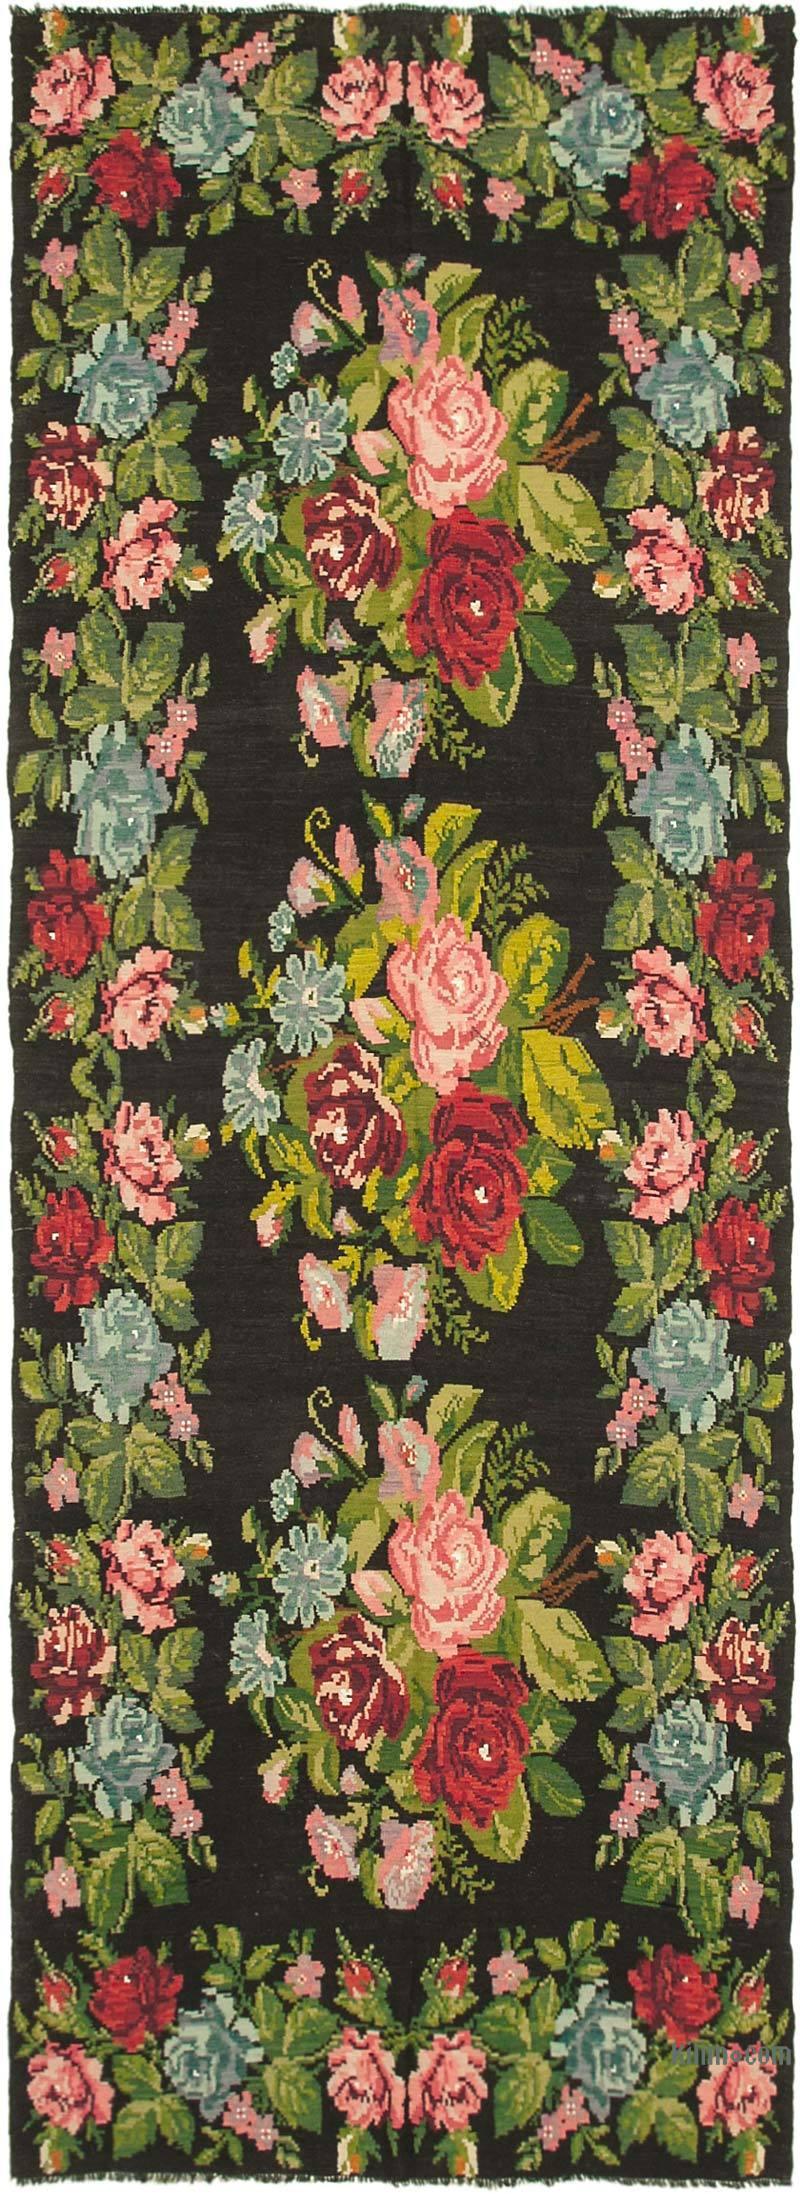 Multicolor Vintage Handwoven Moldovan Kilim Area Rug - 6' 4# x 17' 7# (76 in. x 211 in.) - K0039049